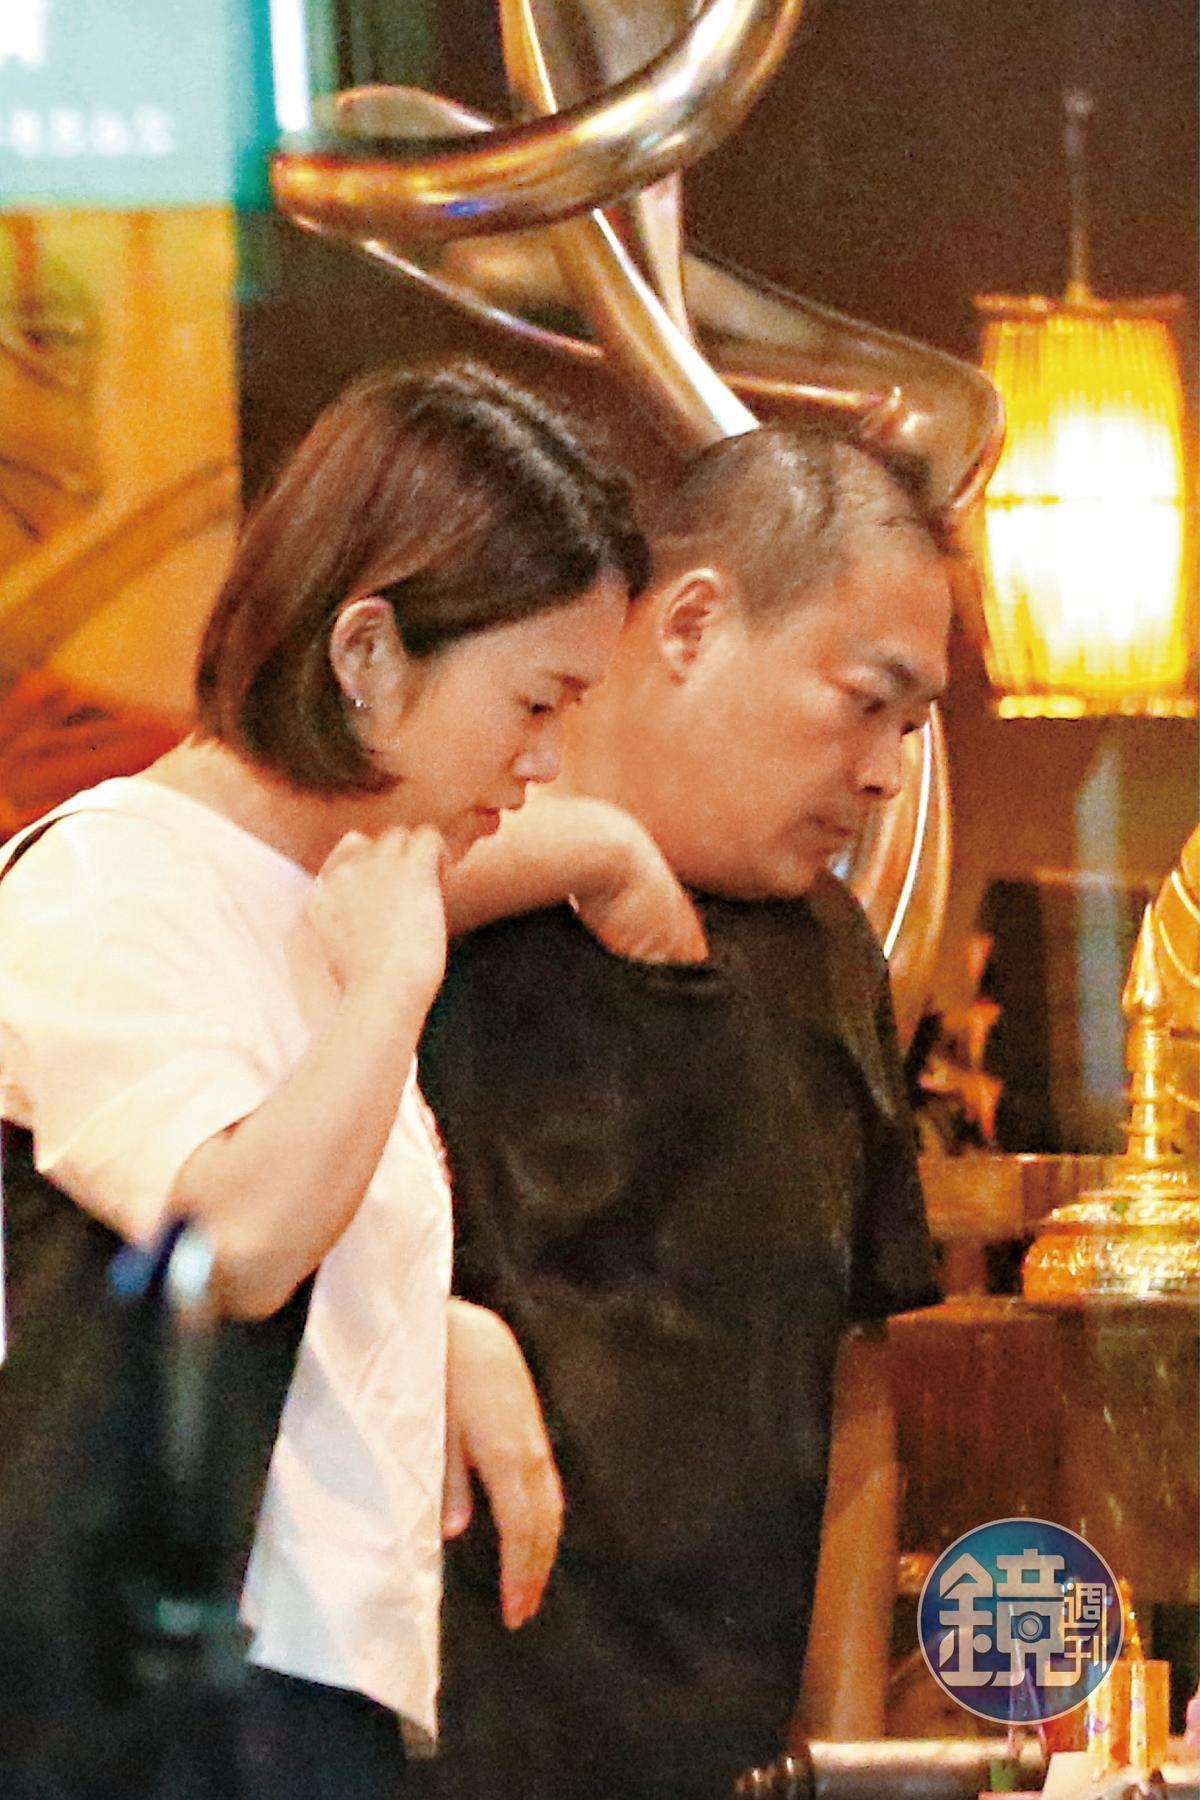 10/12 21:33 餐廳老闆跟工作人員一對一私下進行這麼家常的行程,可見郭宗坤(右)跟櫻花妹親近得過了分。